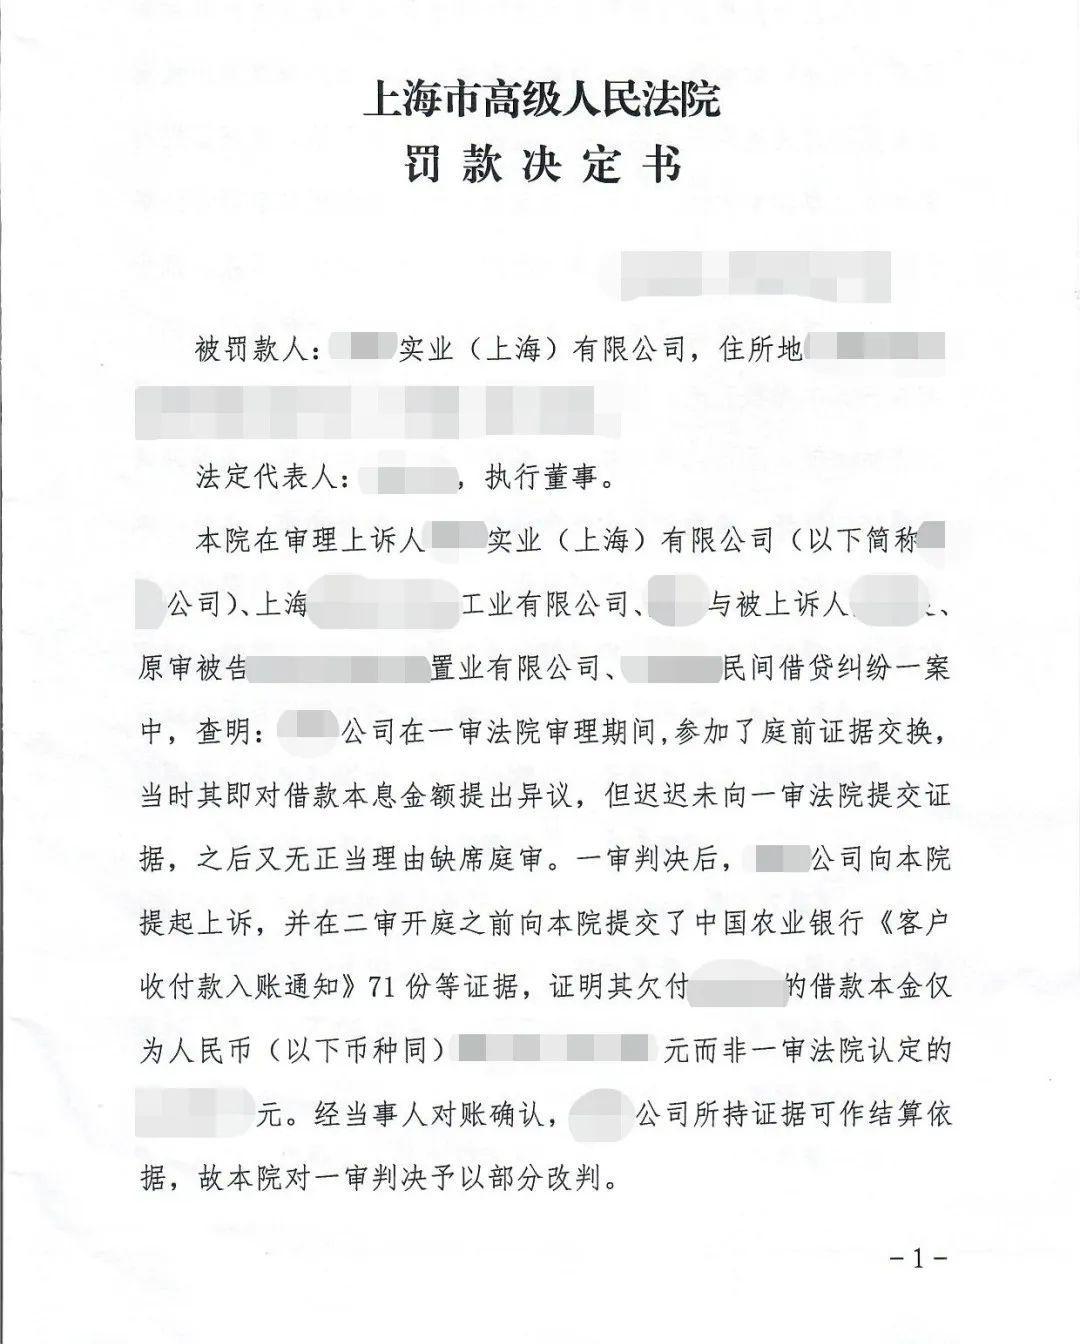 如何法院申请调查证据_idc公司中止反垄断调查_上海证据调查公司